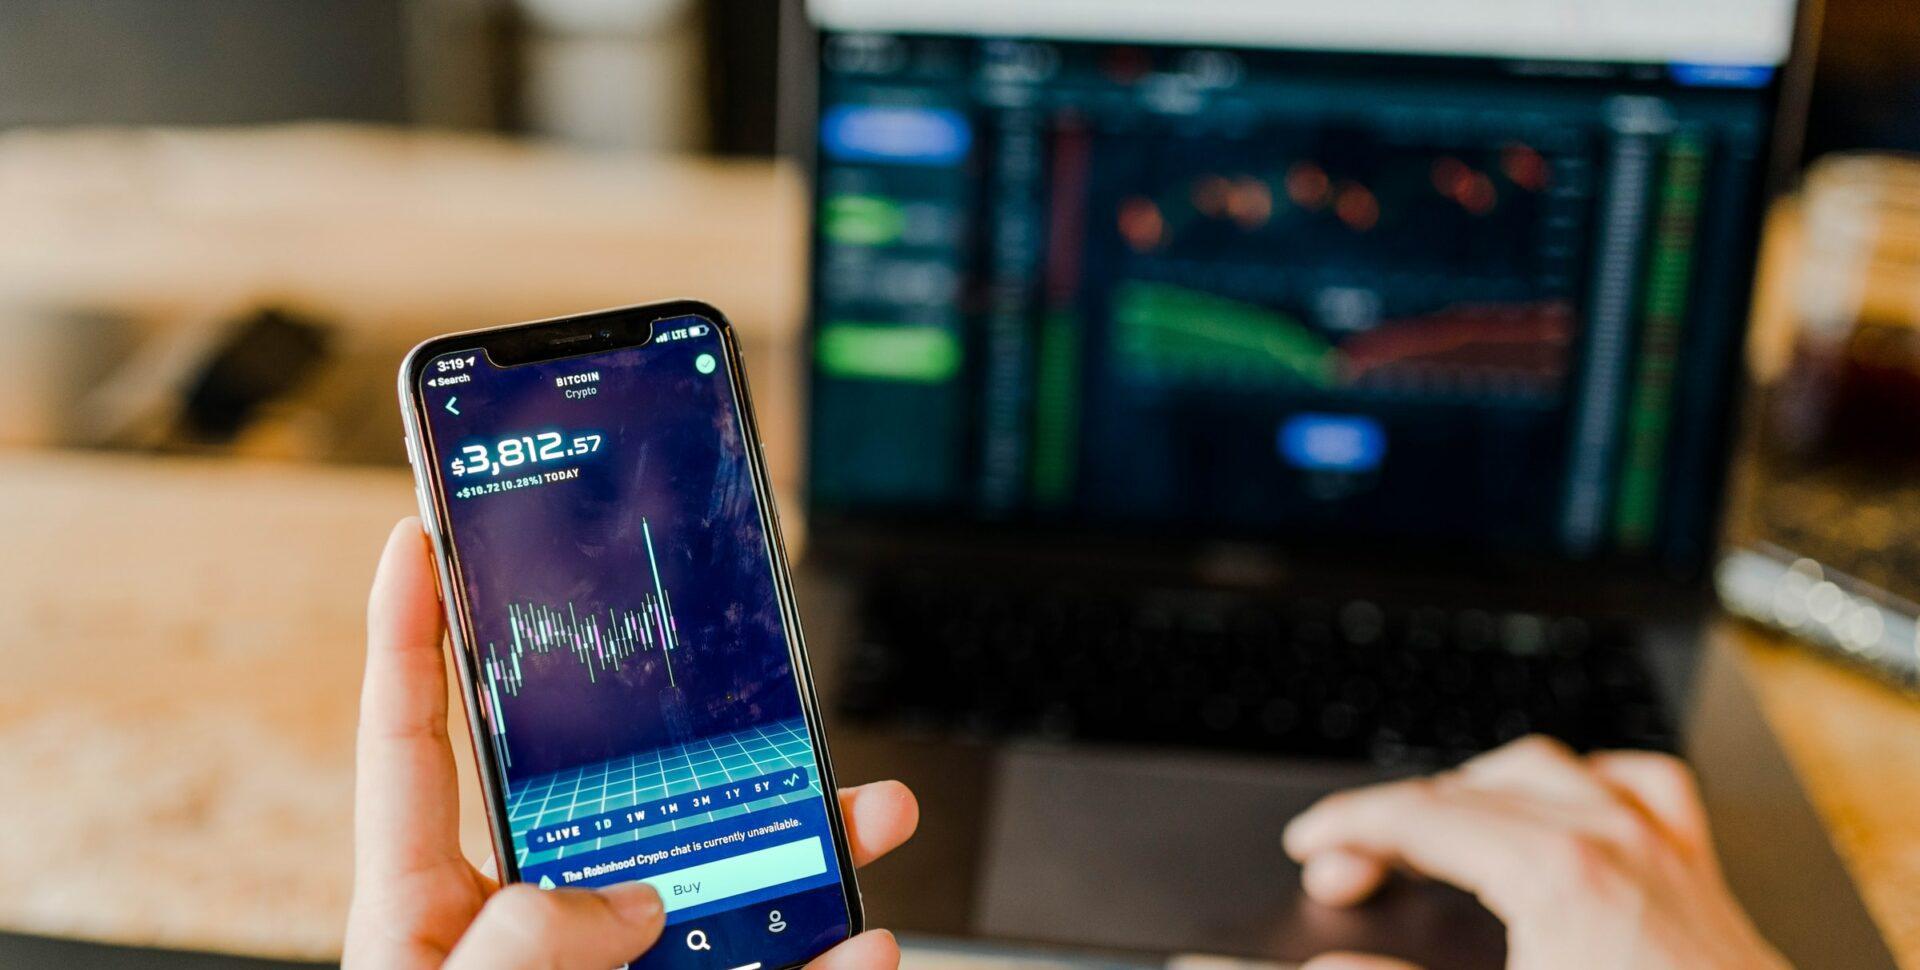 mercado pago criptomonedas